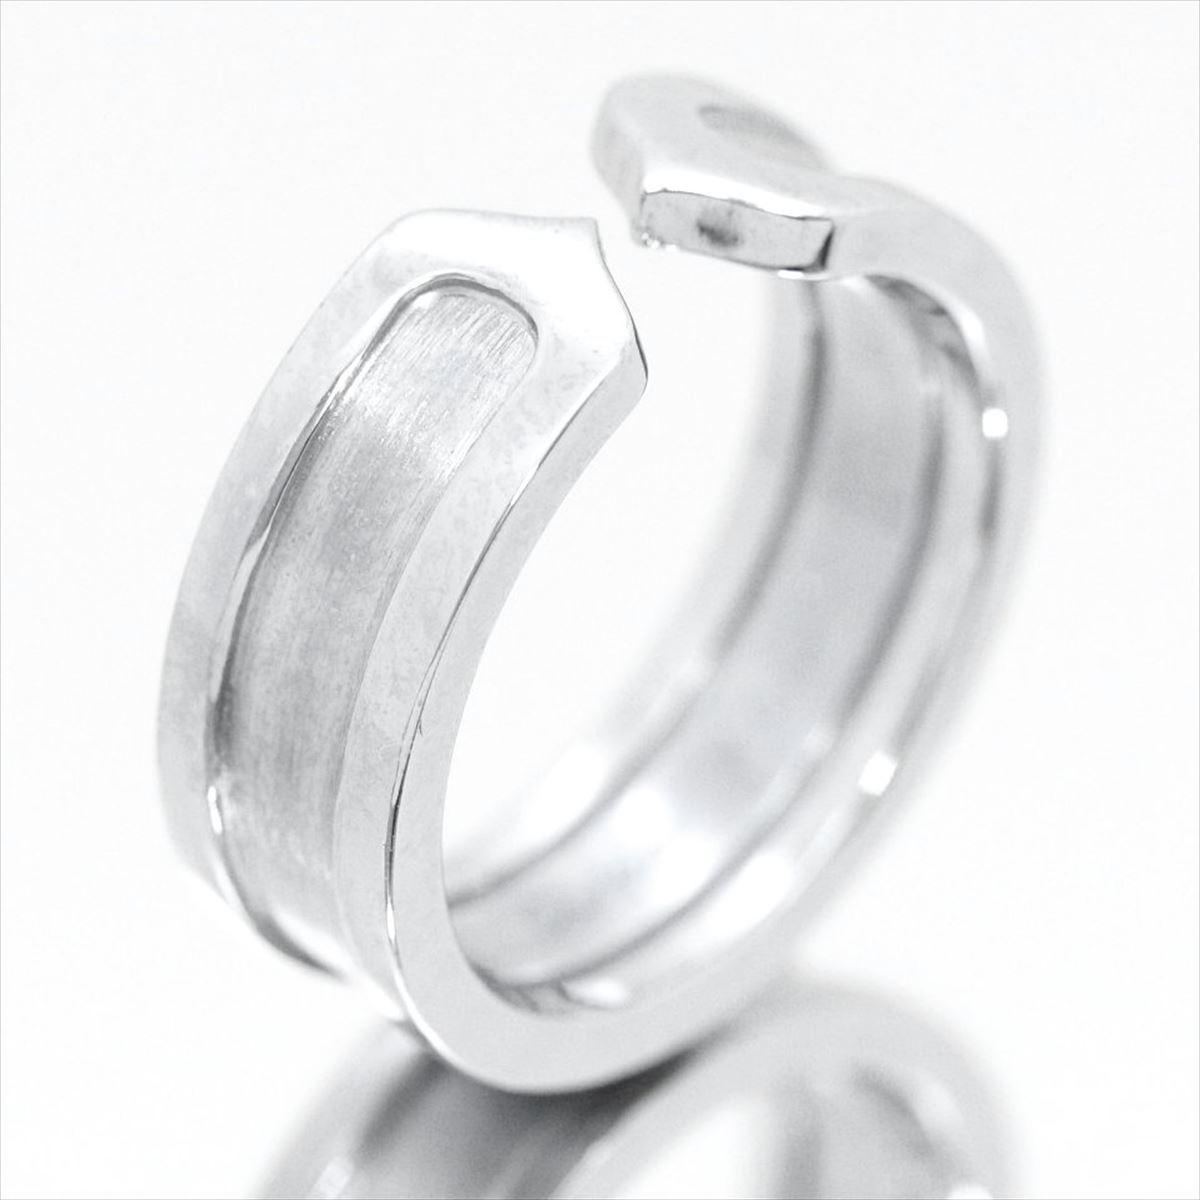 ★【新古品】カルティエ/Cartier ジュエリー 指輪 レディース ホワイトゴールド / 2C ロゴリング K18WG B4040500 / 【中古】